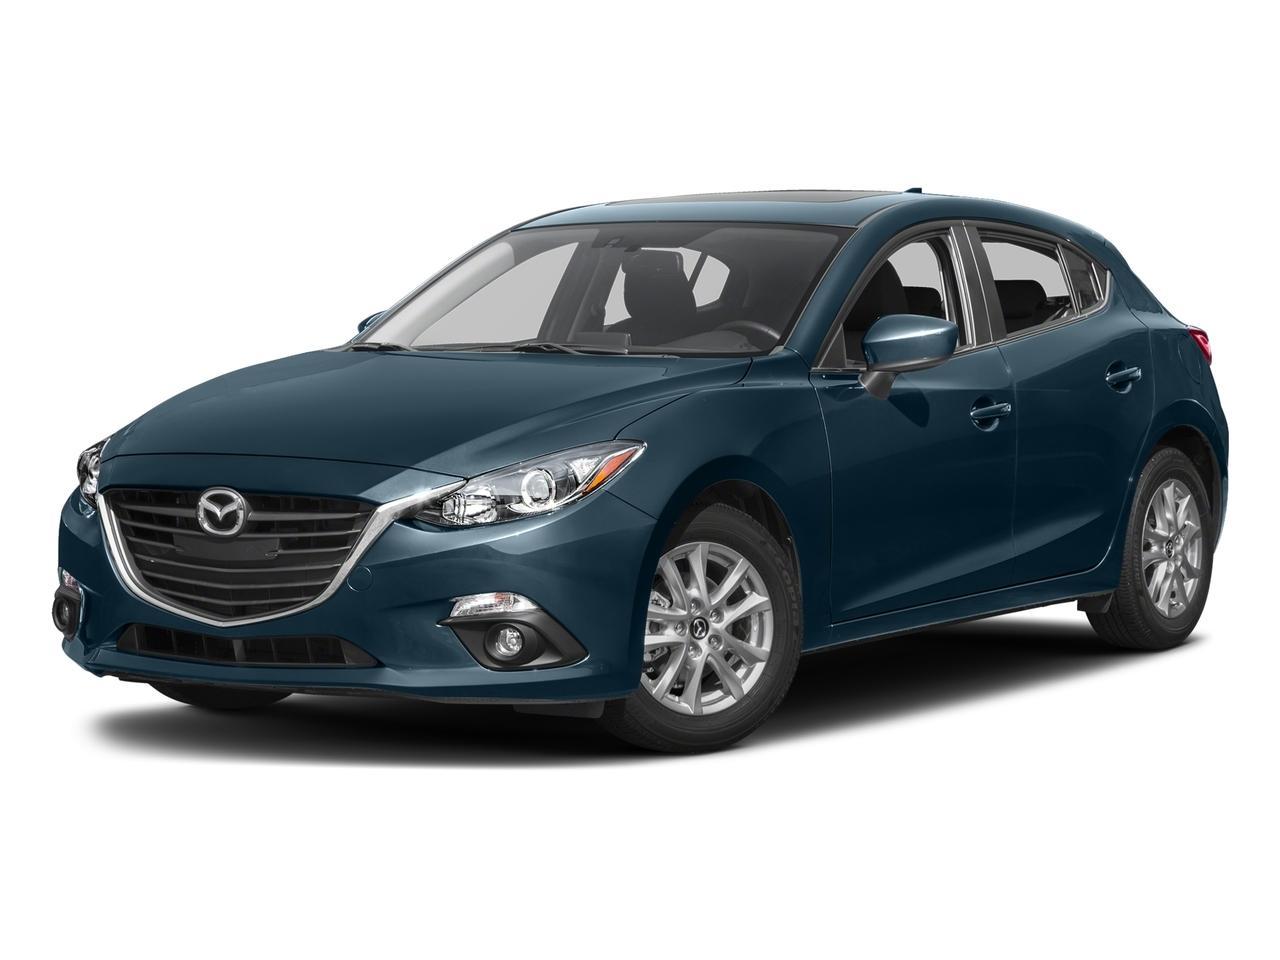 2016 Mazda Mazda3 Vehicle Photo in Evansville, IN 47715